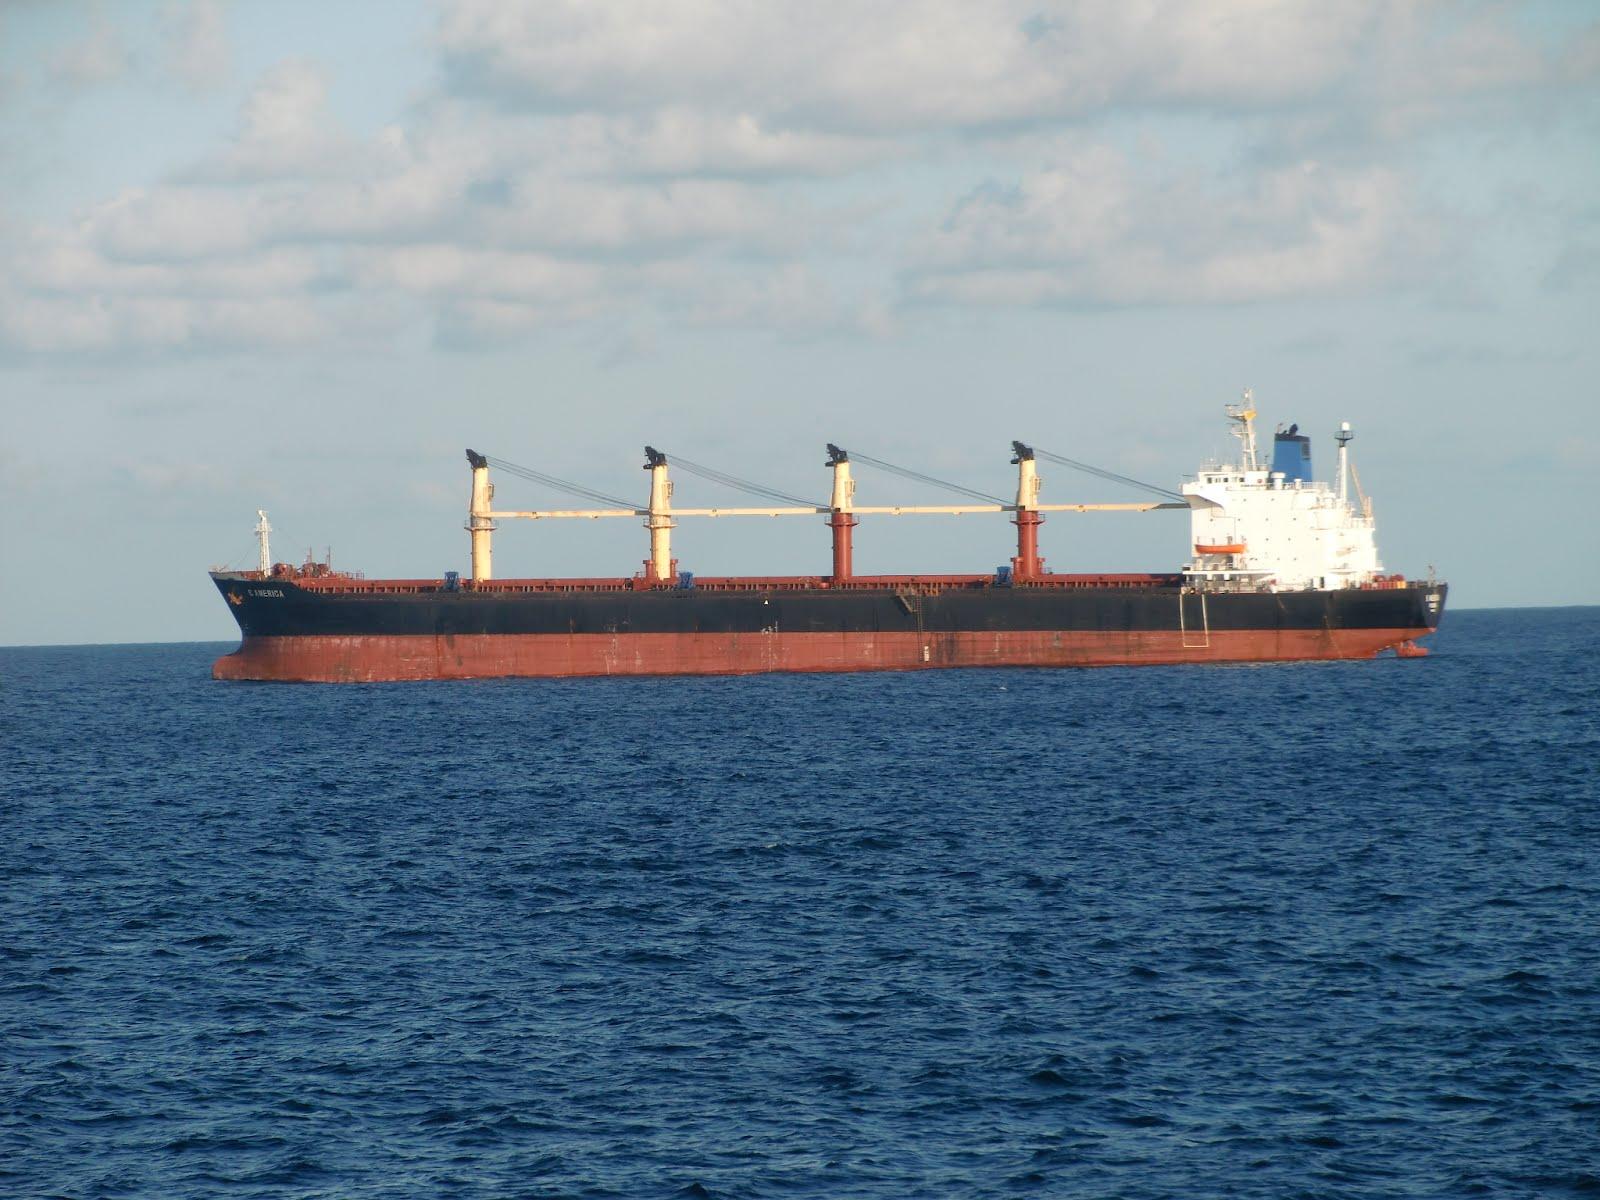 Islas canarias b america buque carguero fondeado en el - Puntos limpios gran canaria ...